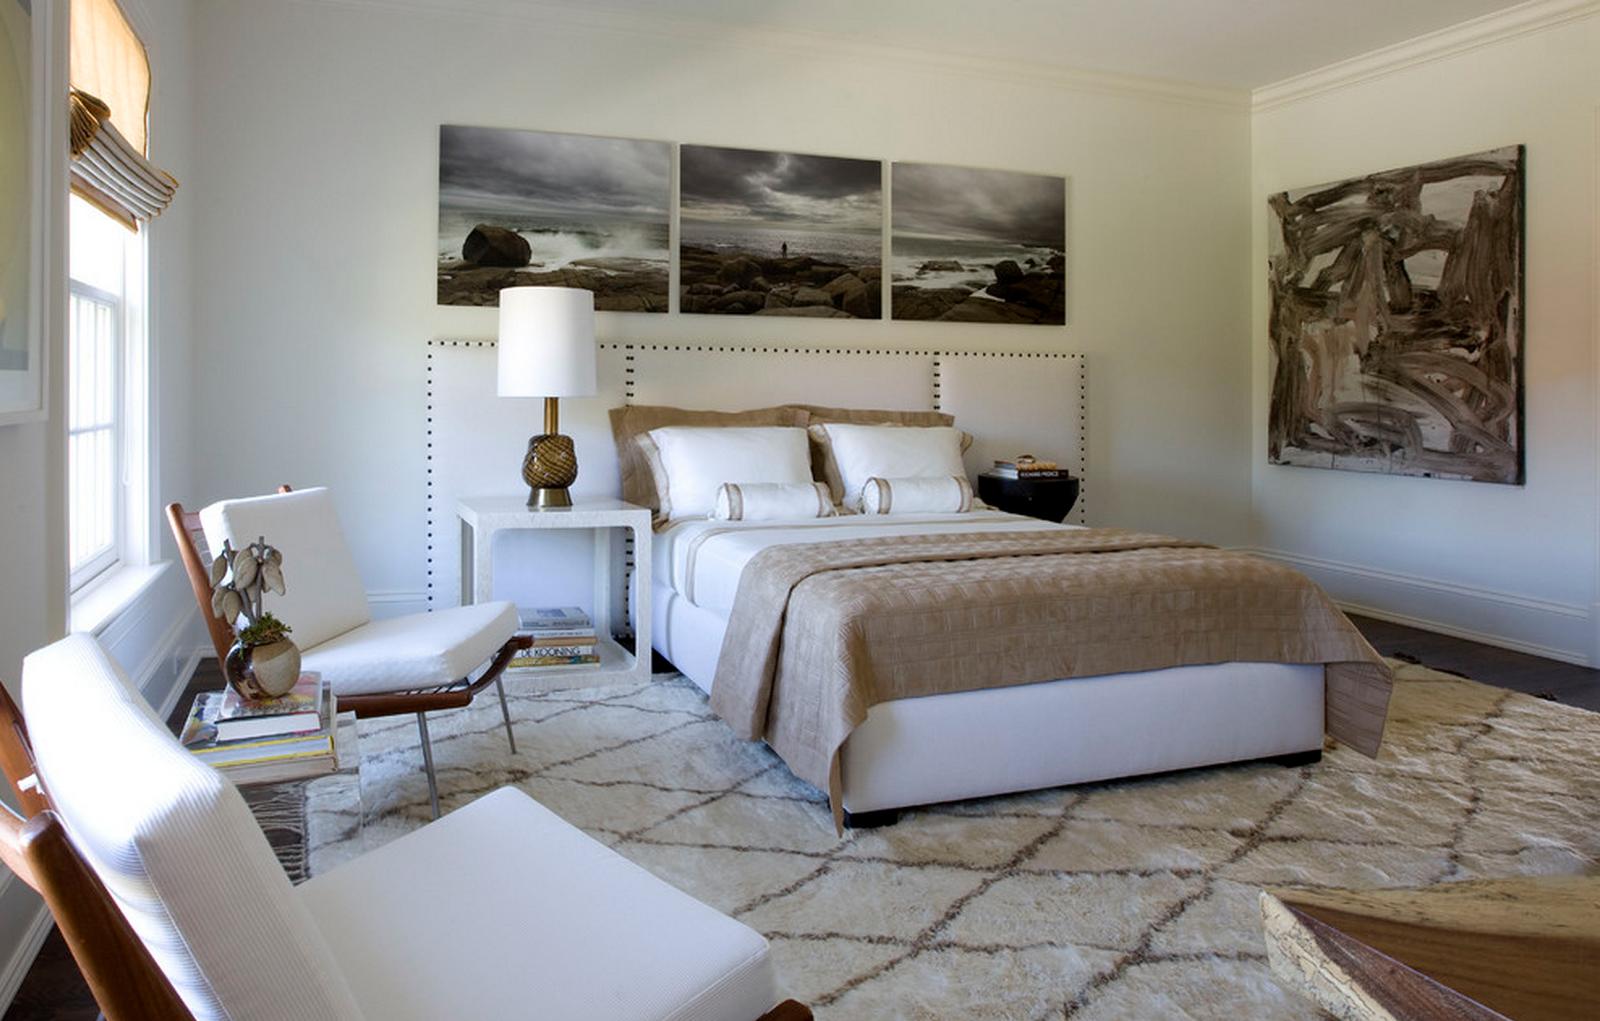 Черно-белые фото в интерьере спальни